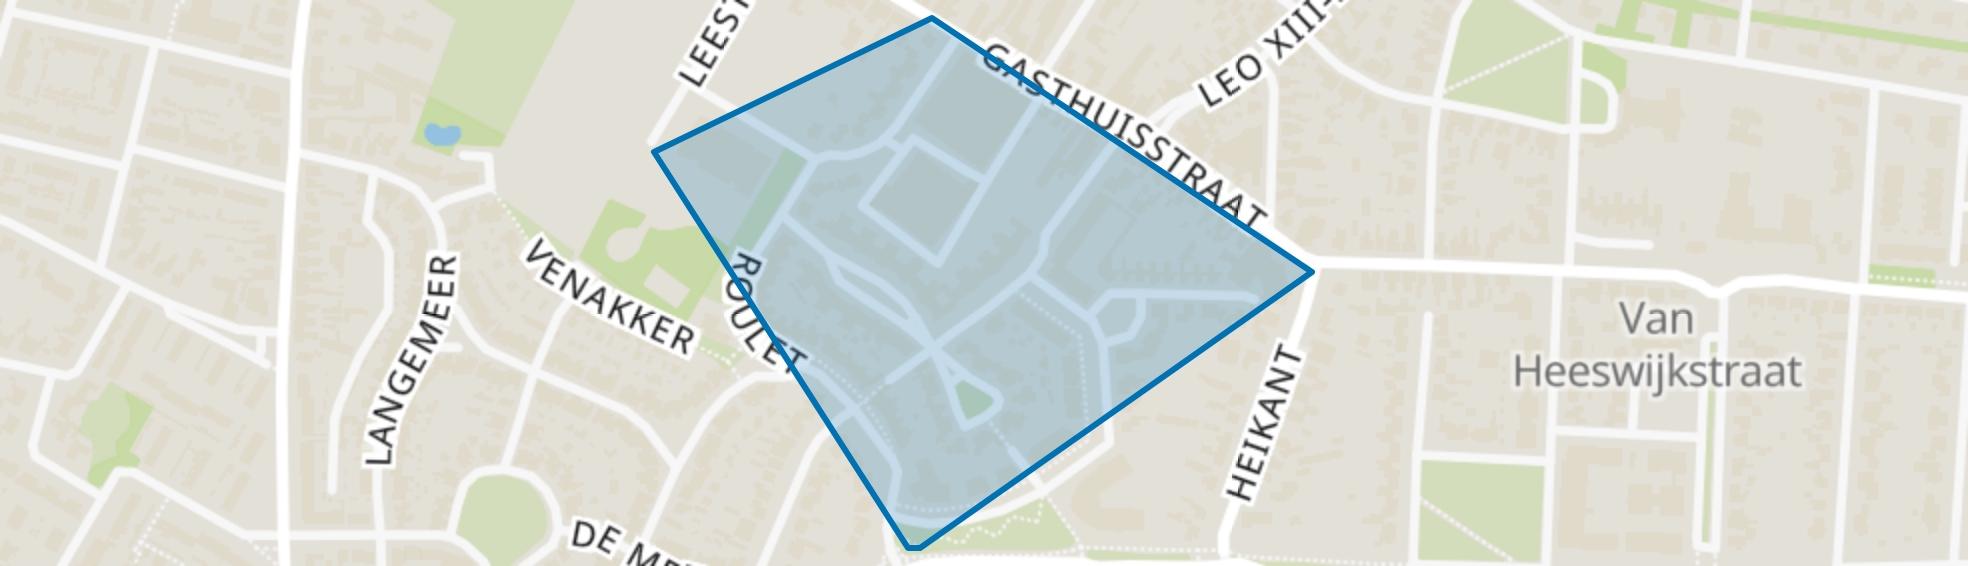 Els (oost), Kaatsheuvel map